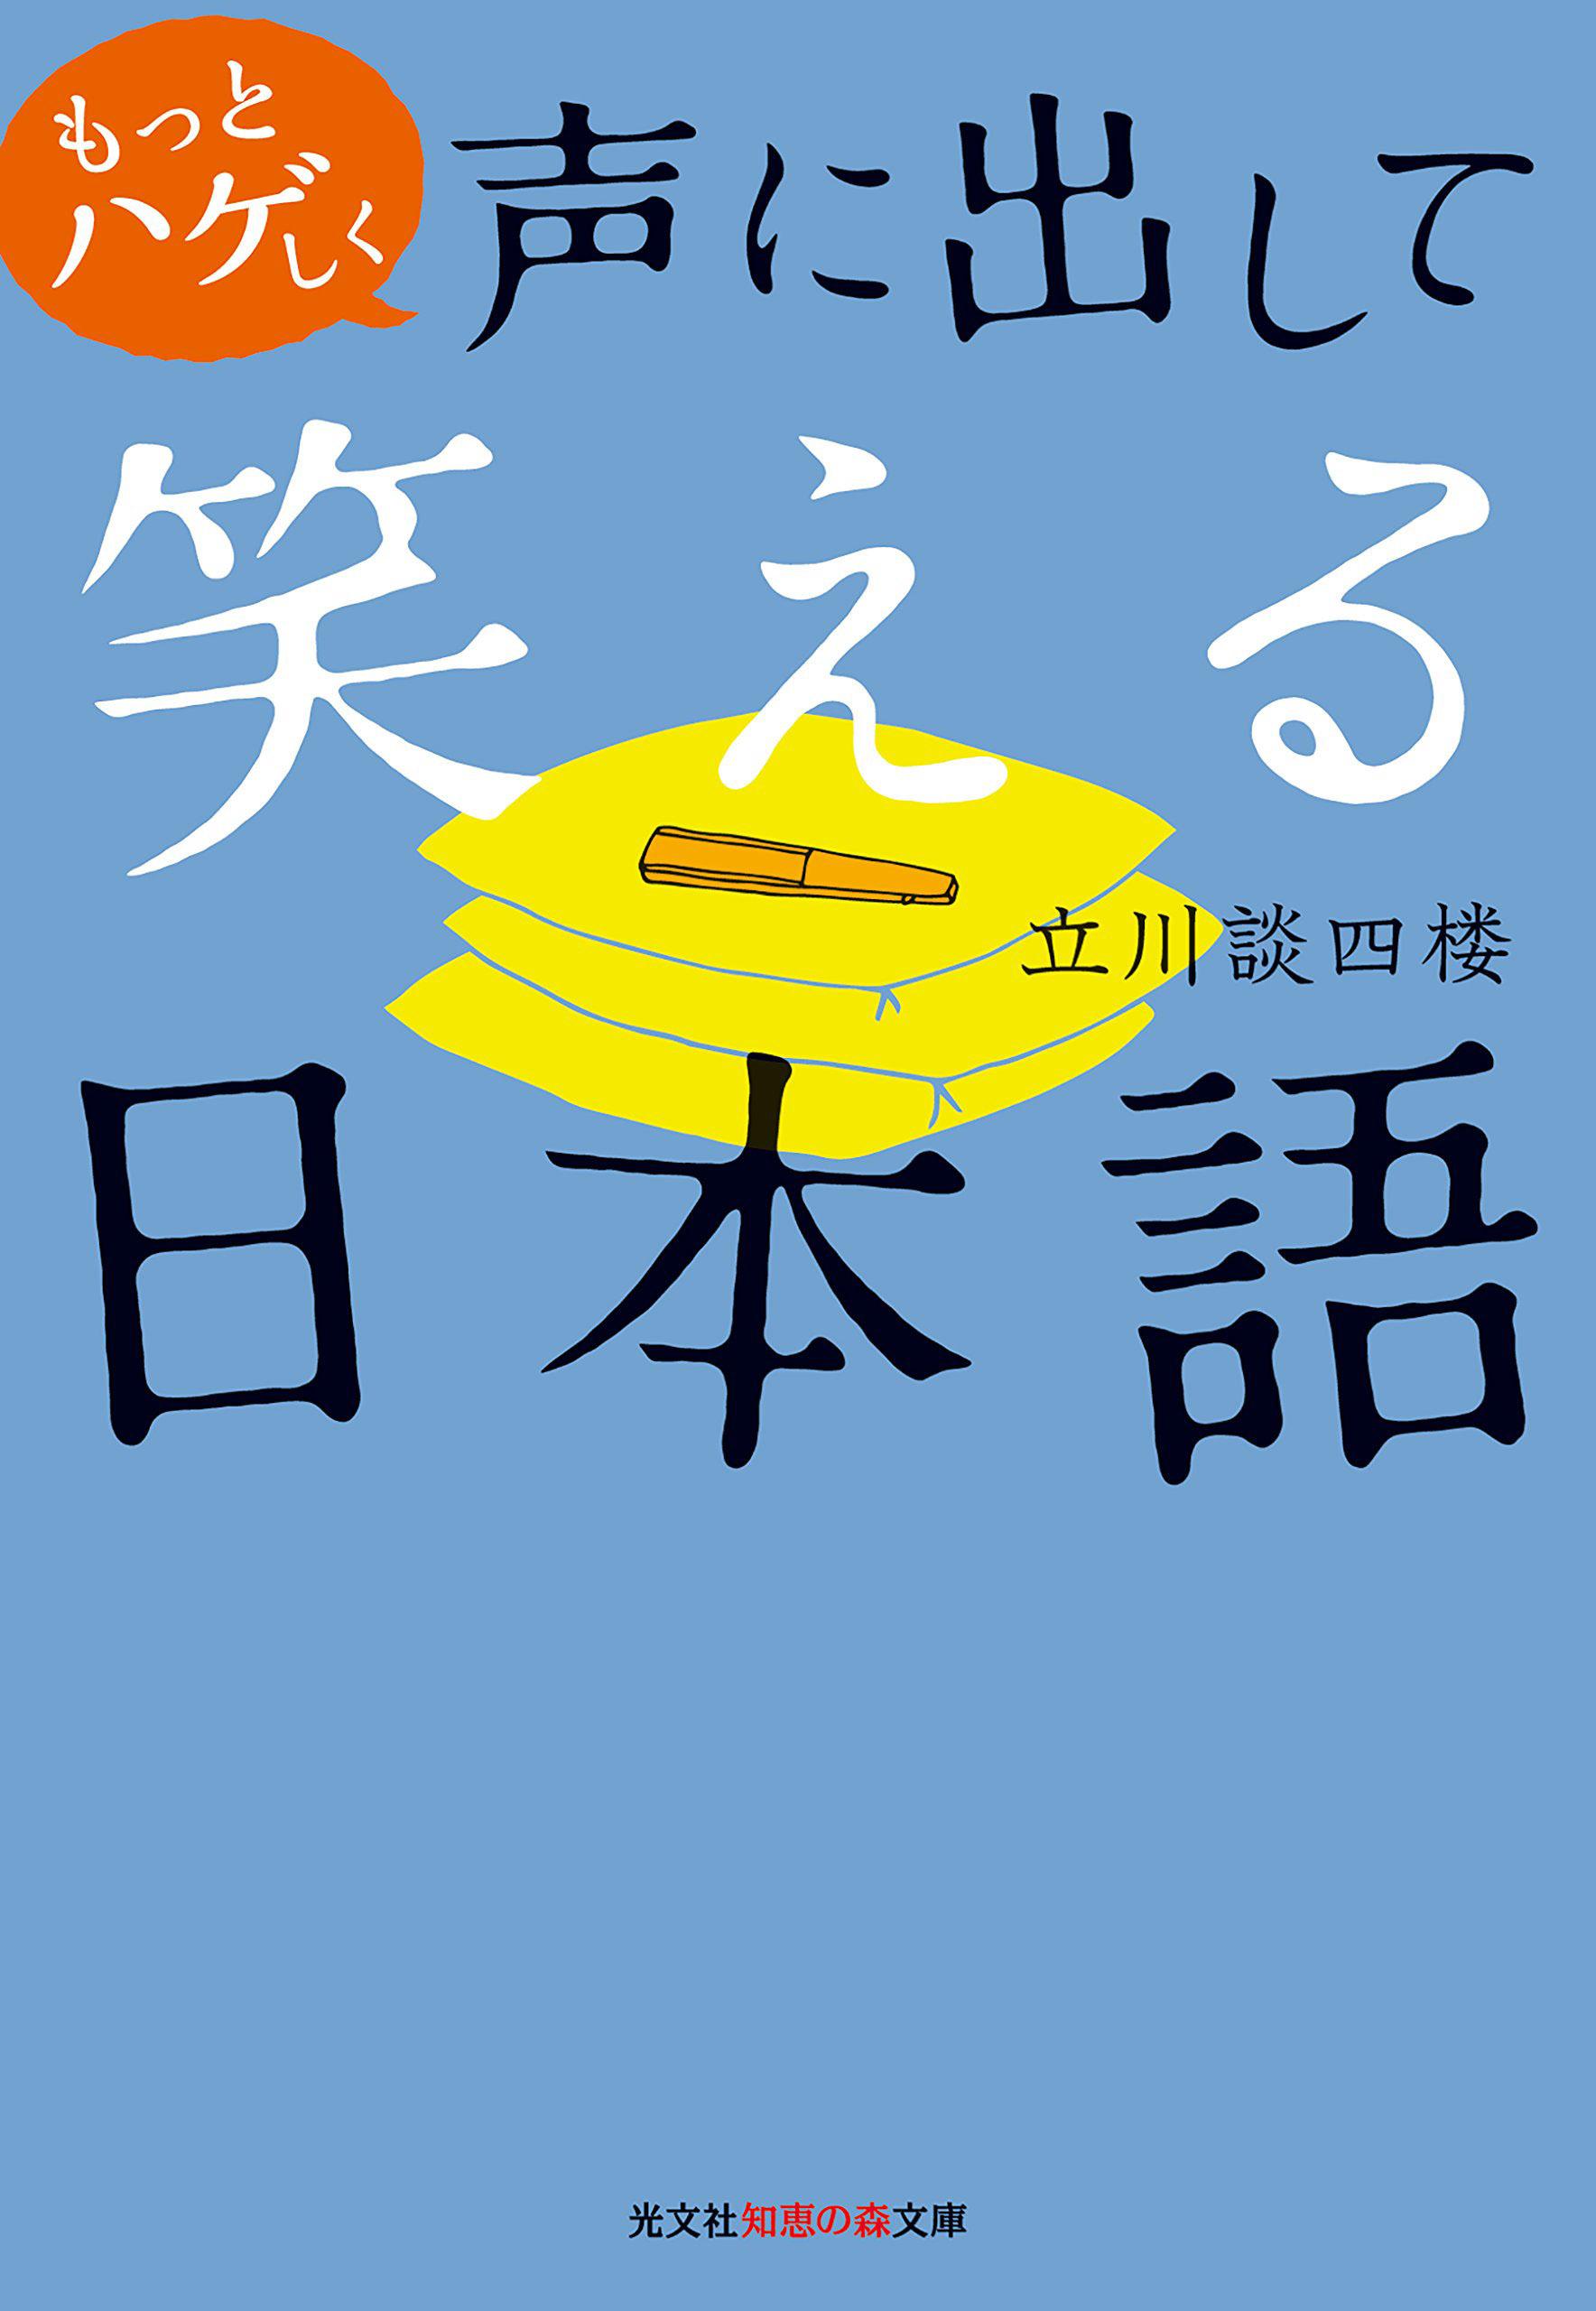 motto_hageshiku.jpg